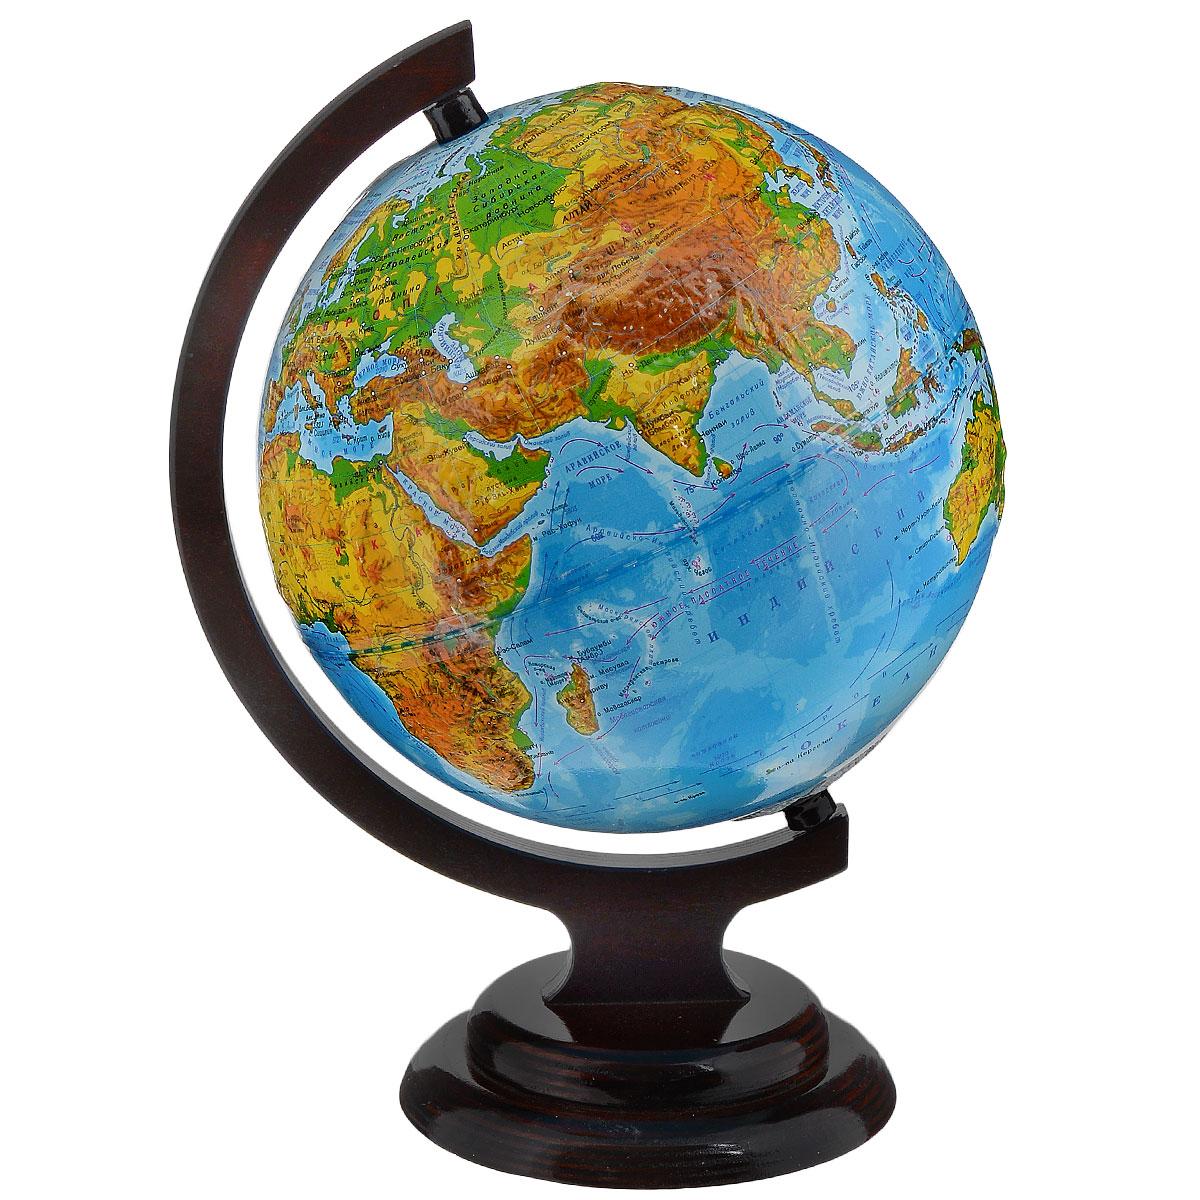 Глобусный мир Глобус с физической картой, рельефный, диаметр 21 см, на деревянной подставке10153Географический глобус рельефный с физической картой мира станет незаменимым атрибутом обучения не только школьника, но и студента. На глобусе отображены линии картографической сетки, гидрографическая сеть, рельеф суши и морского дна, крупнейшие населенные пункты, теплые и холодные течения. Глобус является уменьшенной и практически не искаженной моделью Земли и предназначен для использования в качестве наглядного картографического пособия, а также для украшения интерьера квартир, кабинетов и офисов. Красочность, повышенная наглядность визуального восприятия взаимосвязей, отображенных на глобусе объектов и явлений, в сочетании с простотой выполнения по нему различных измерений делают глобус доступным широкому кругу потребителей для получения разнообразной познавательной, научной и справочной информации о Земле. Глобус на оригинальной деревянной подставке. Масштаб: 1:60000000.